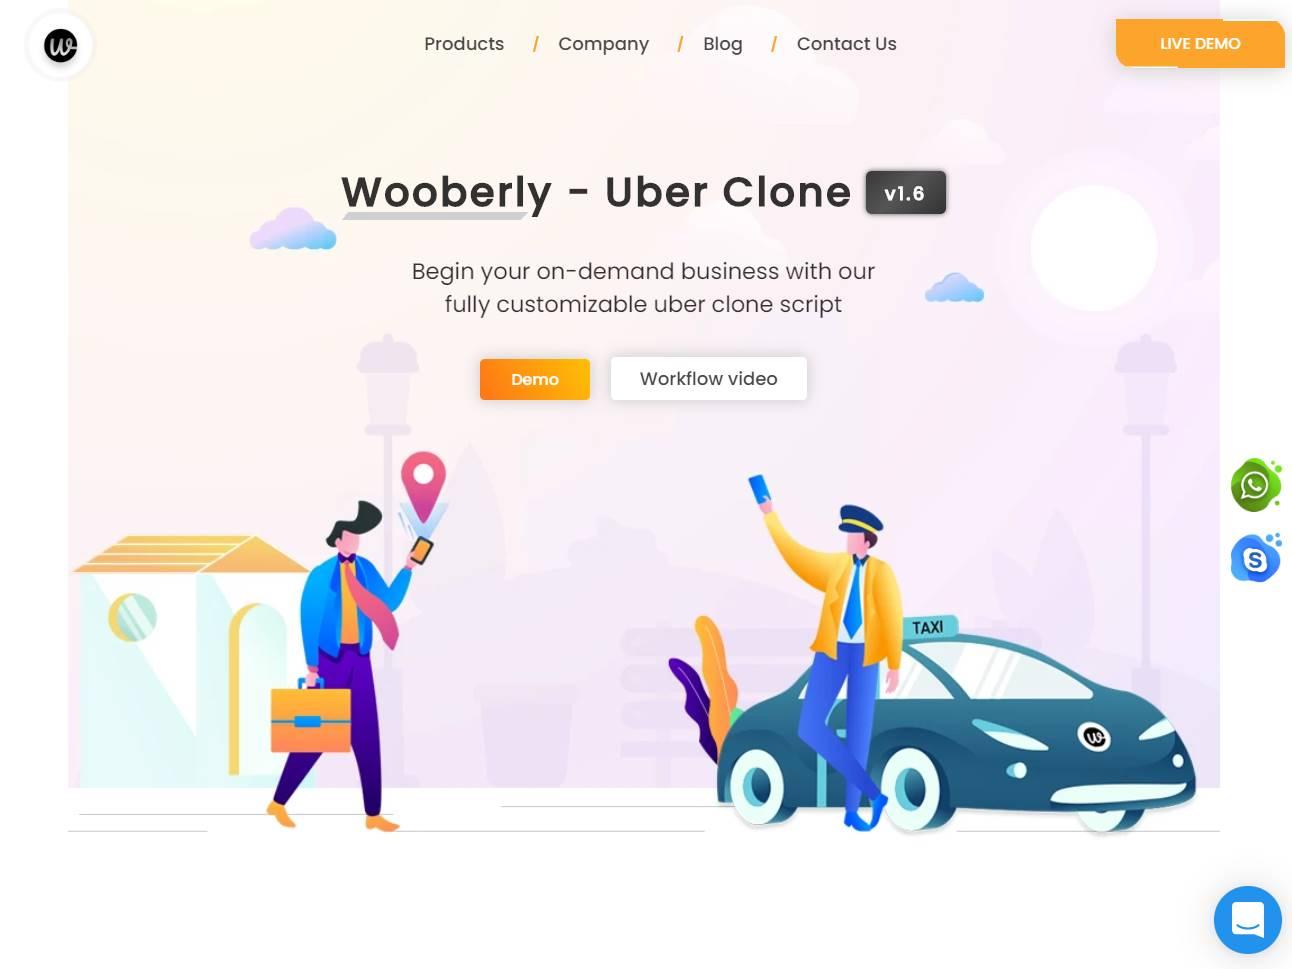 Wooberly-Fleet-Management-Software